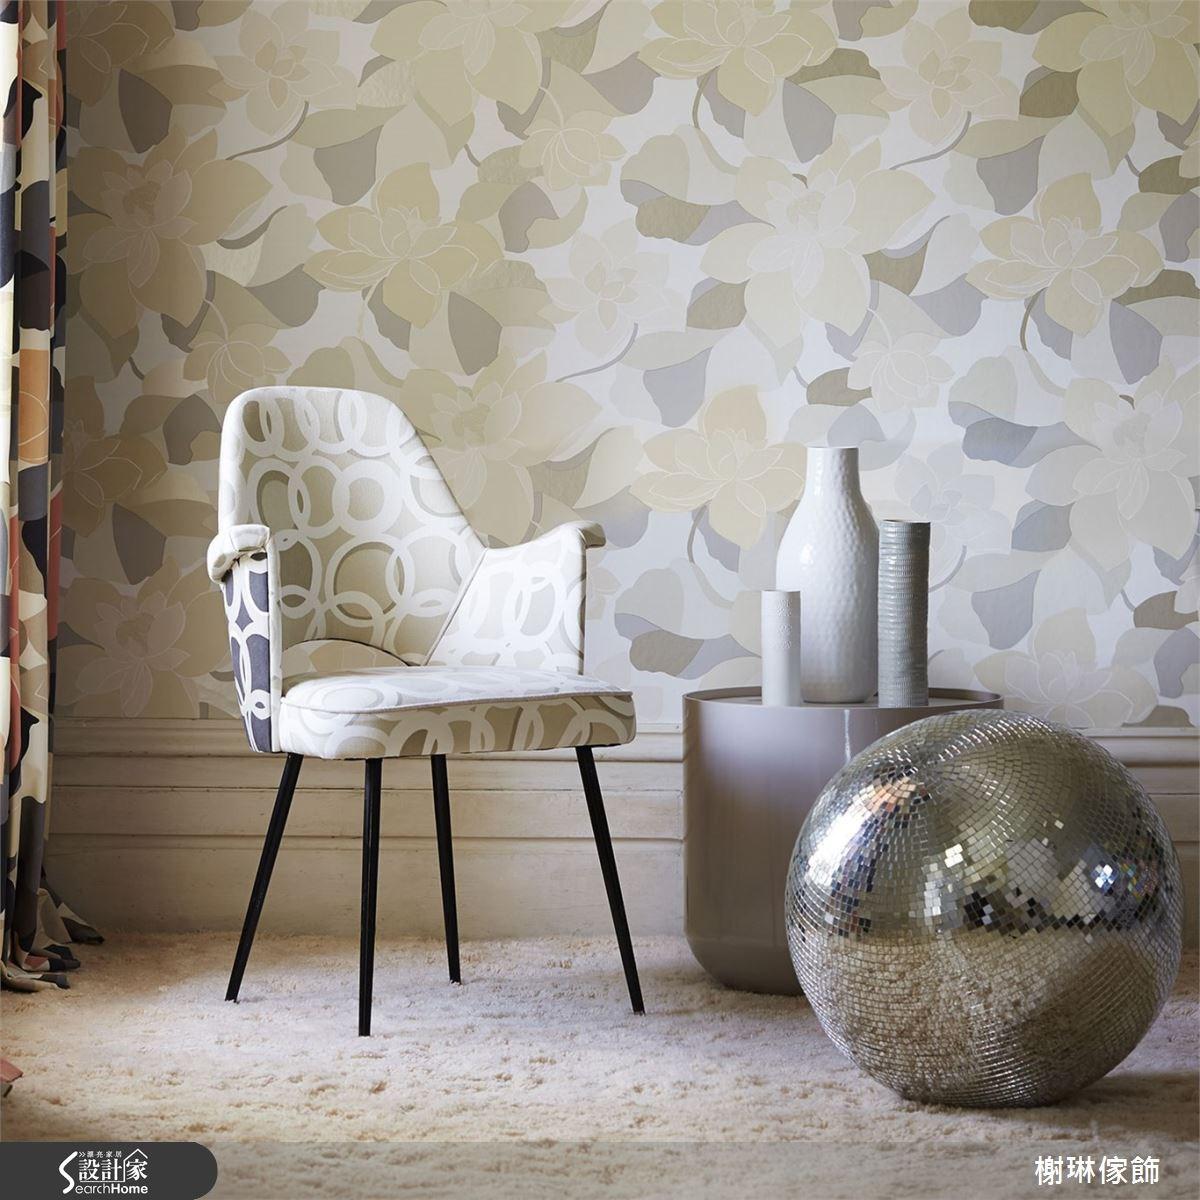 _案例圖片_榭琳傢飾設計公司_榭琳傢飾-窗簾,壁紙,傢俱_Spirit & Soul 1之2